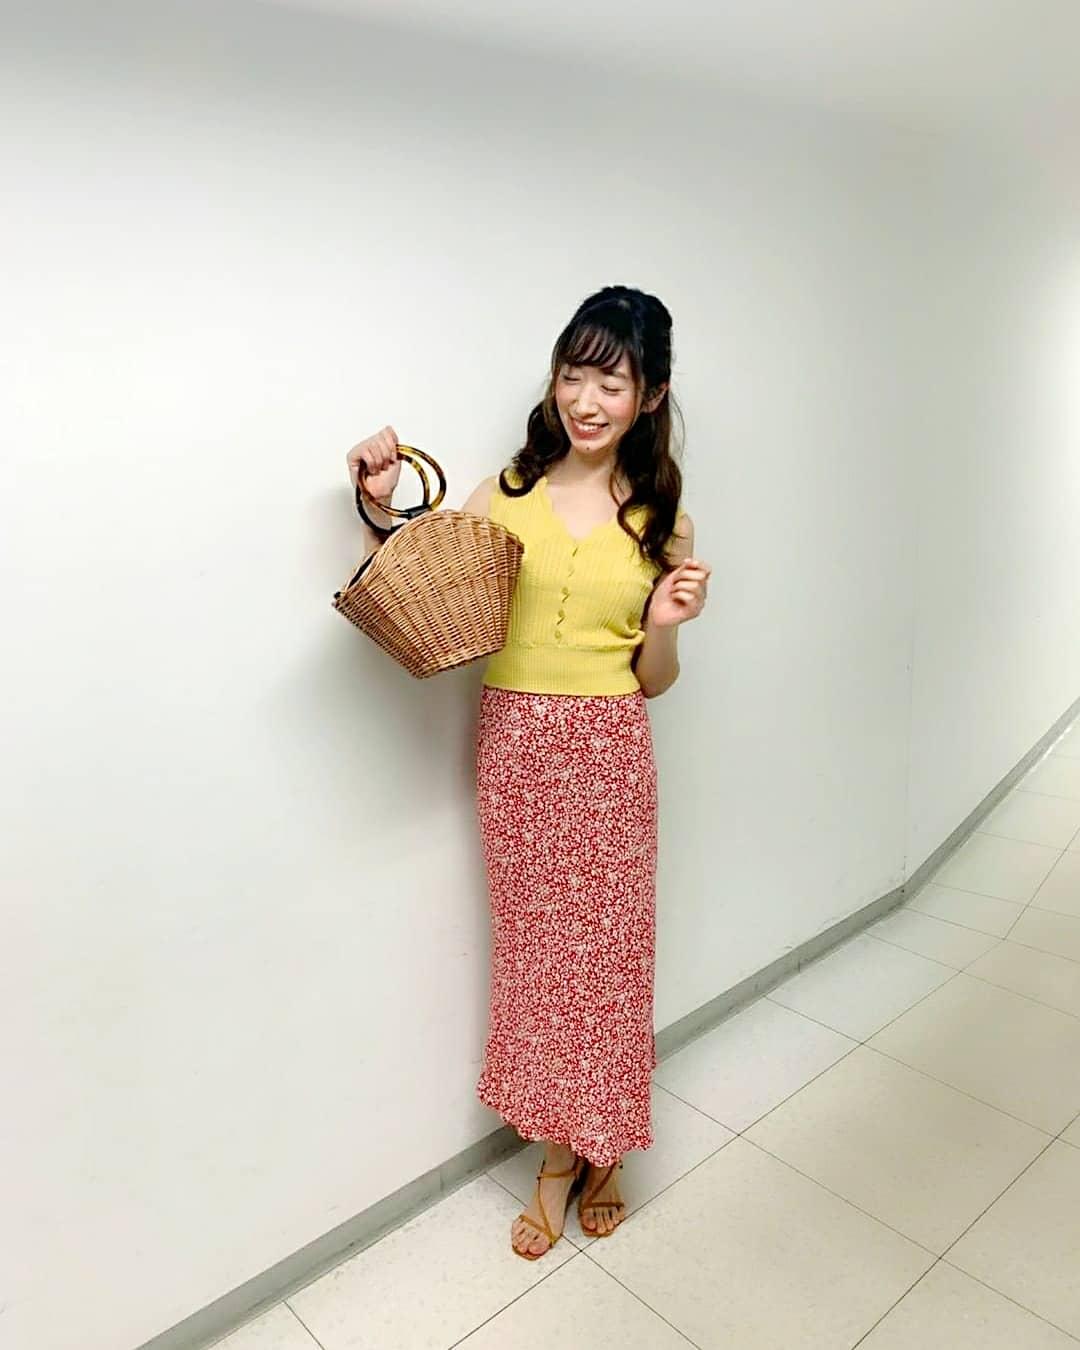 アラサーOLの大人可愛い夏服3コーデ♡横浜ジョイナスでsnidel, cocodeal ,STRAWBERRY-FIELDS, FRAY I.Dをはしごショッピング♪_1